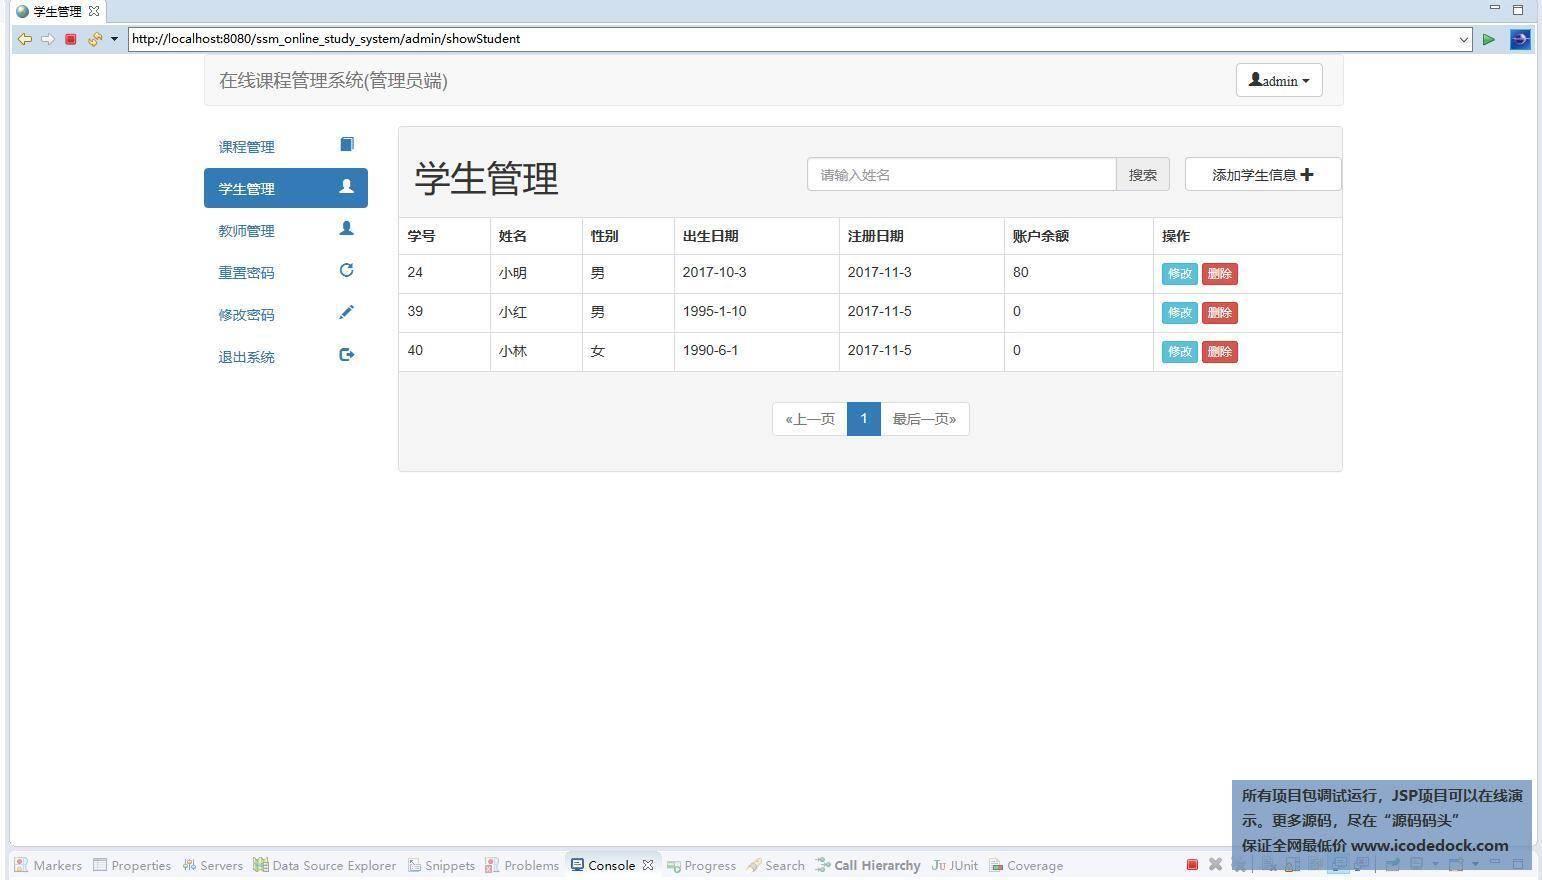 源码码头-SSM在线课程管理系统-管理员角色-学生管理